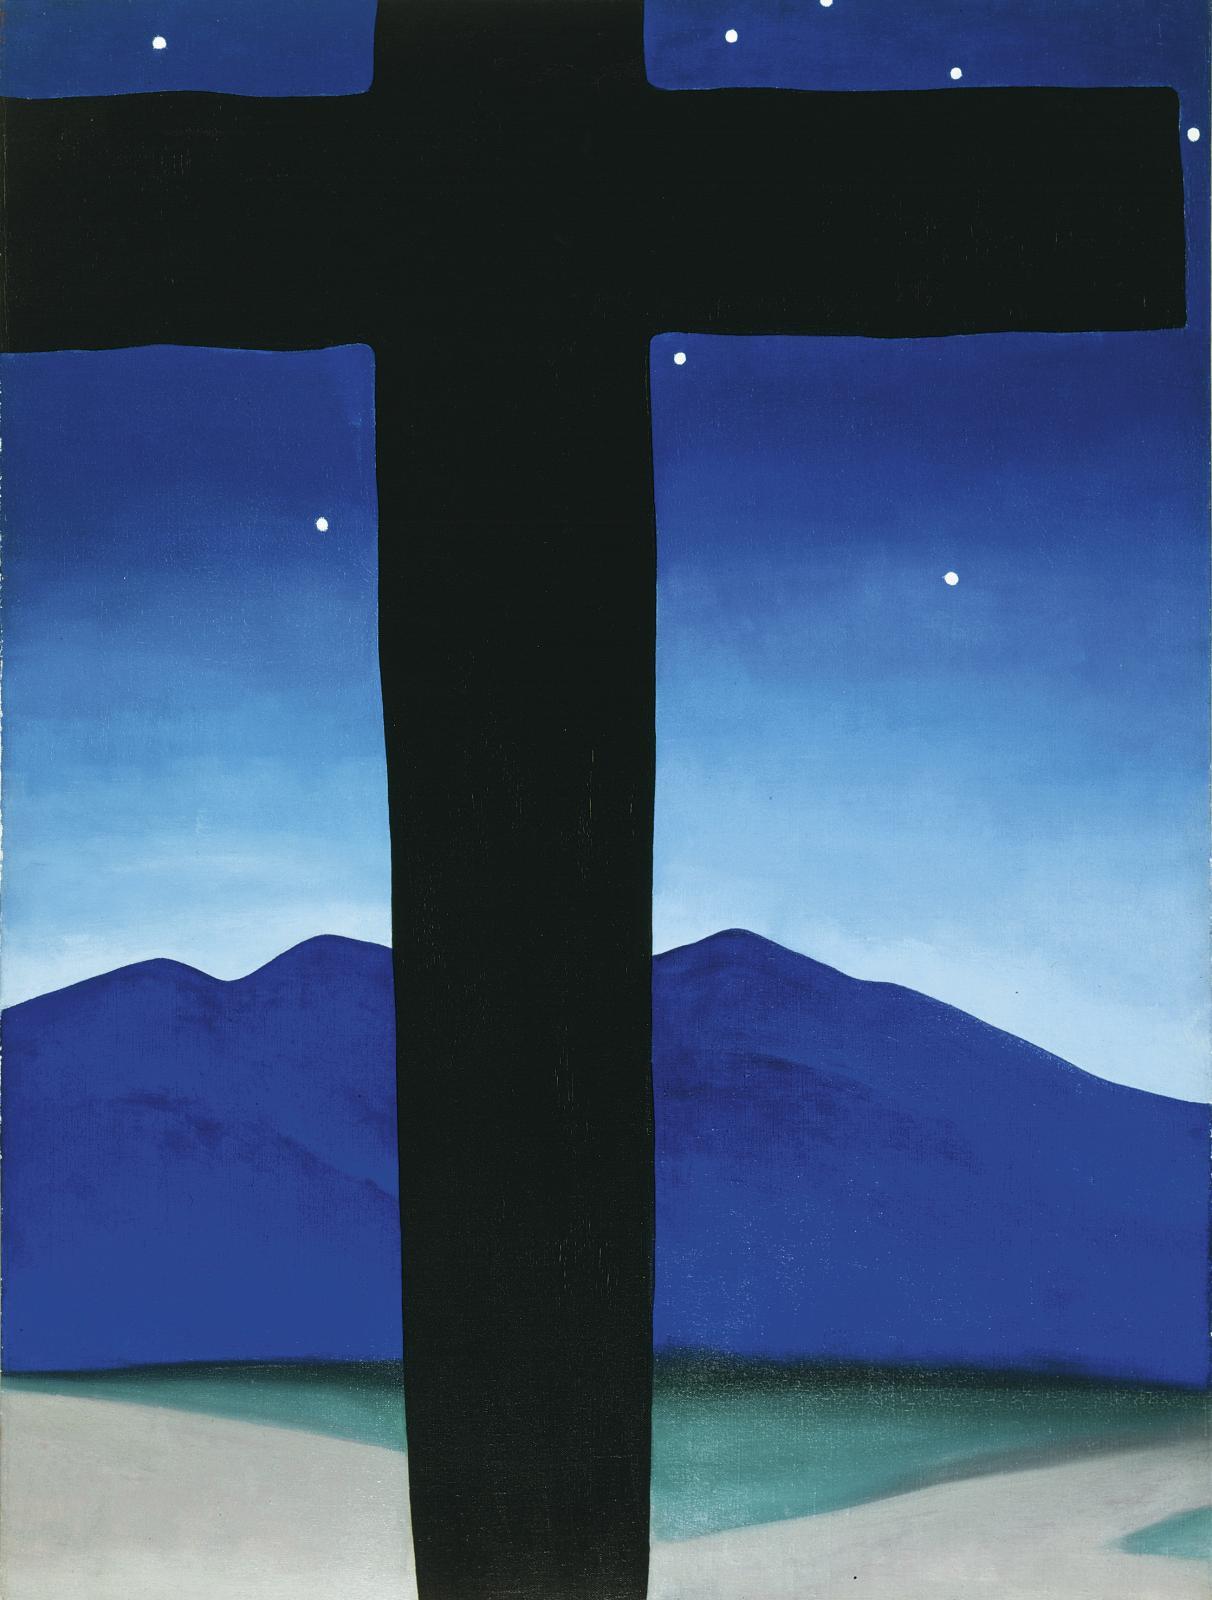 Georgia O'Keeffe, Croix noire aux étoiles, bleu (Black Cross With Stars and Blue), 1929, huile sur toile, 101,6x76,cm, collection particulière.